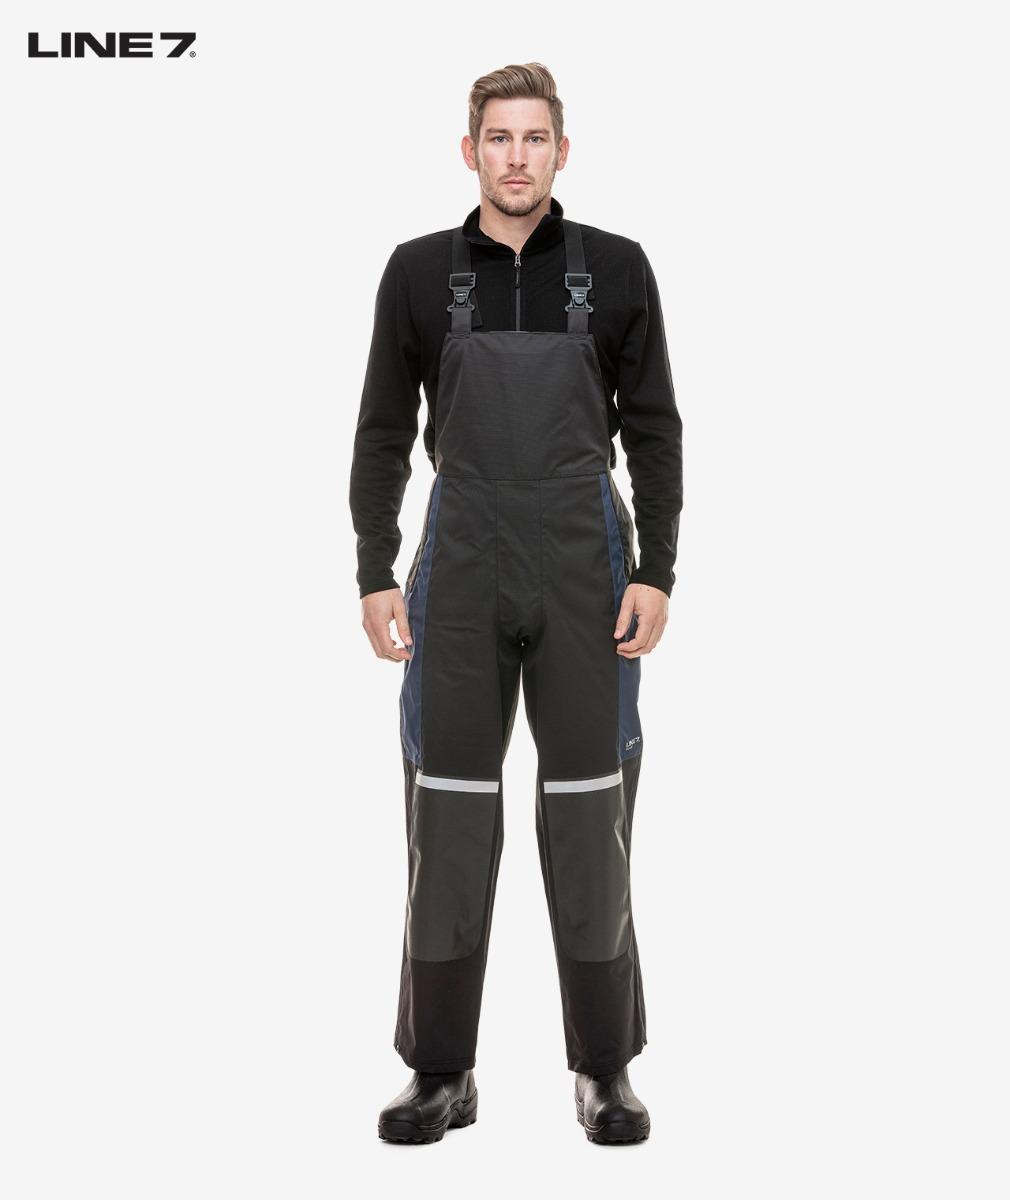 Line 7 Men's Glacier Waterproof Bib Trouser